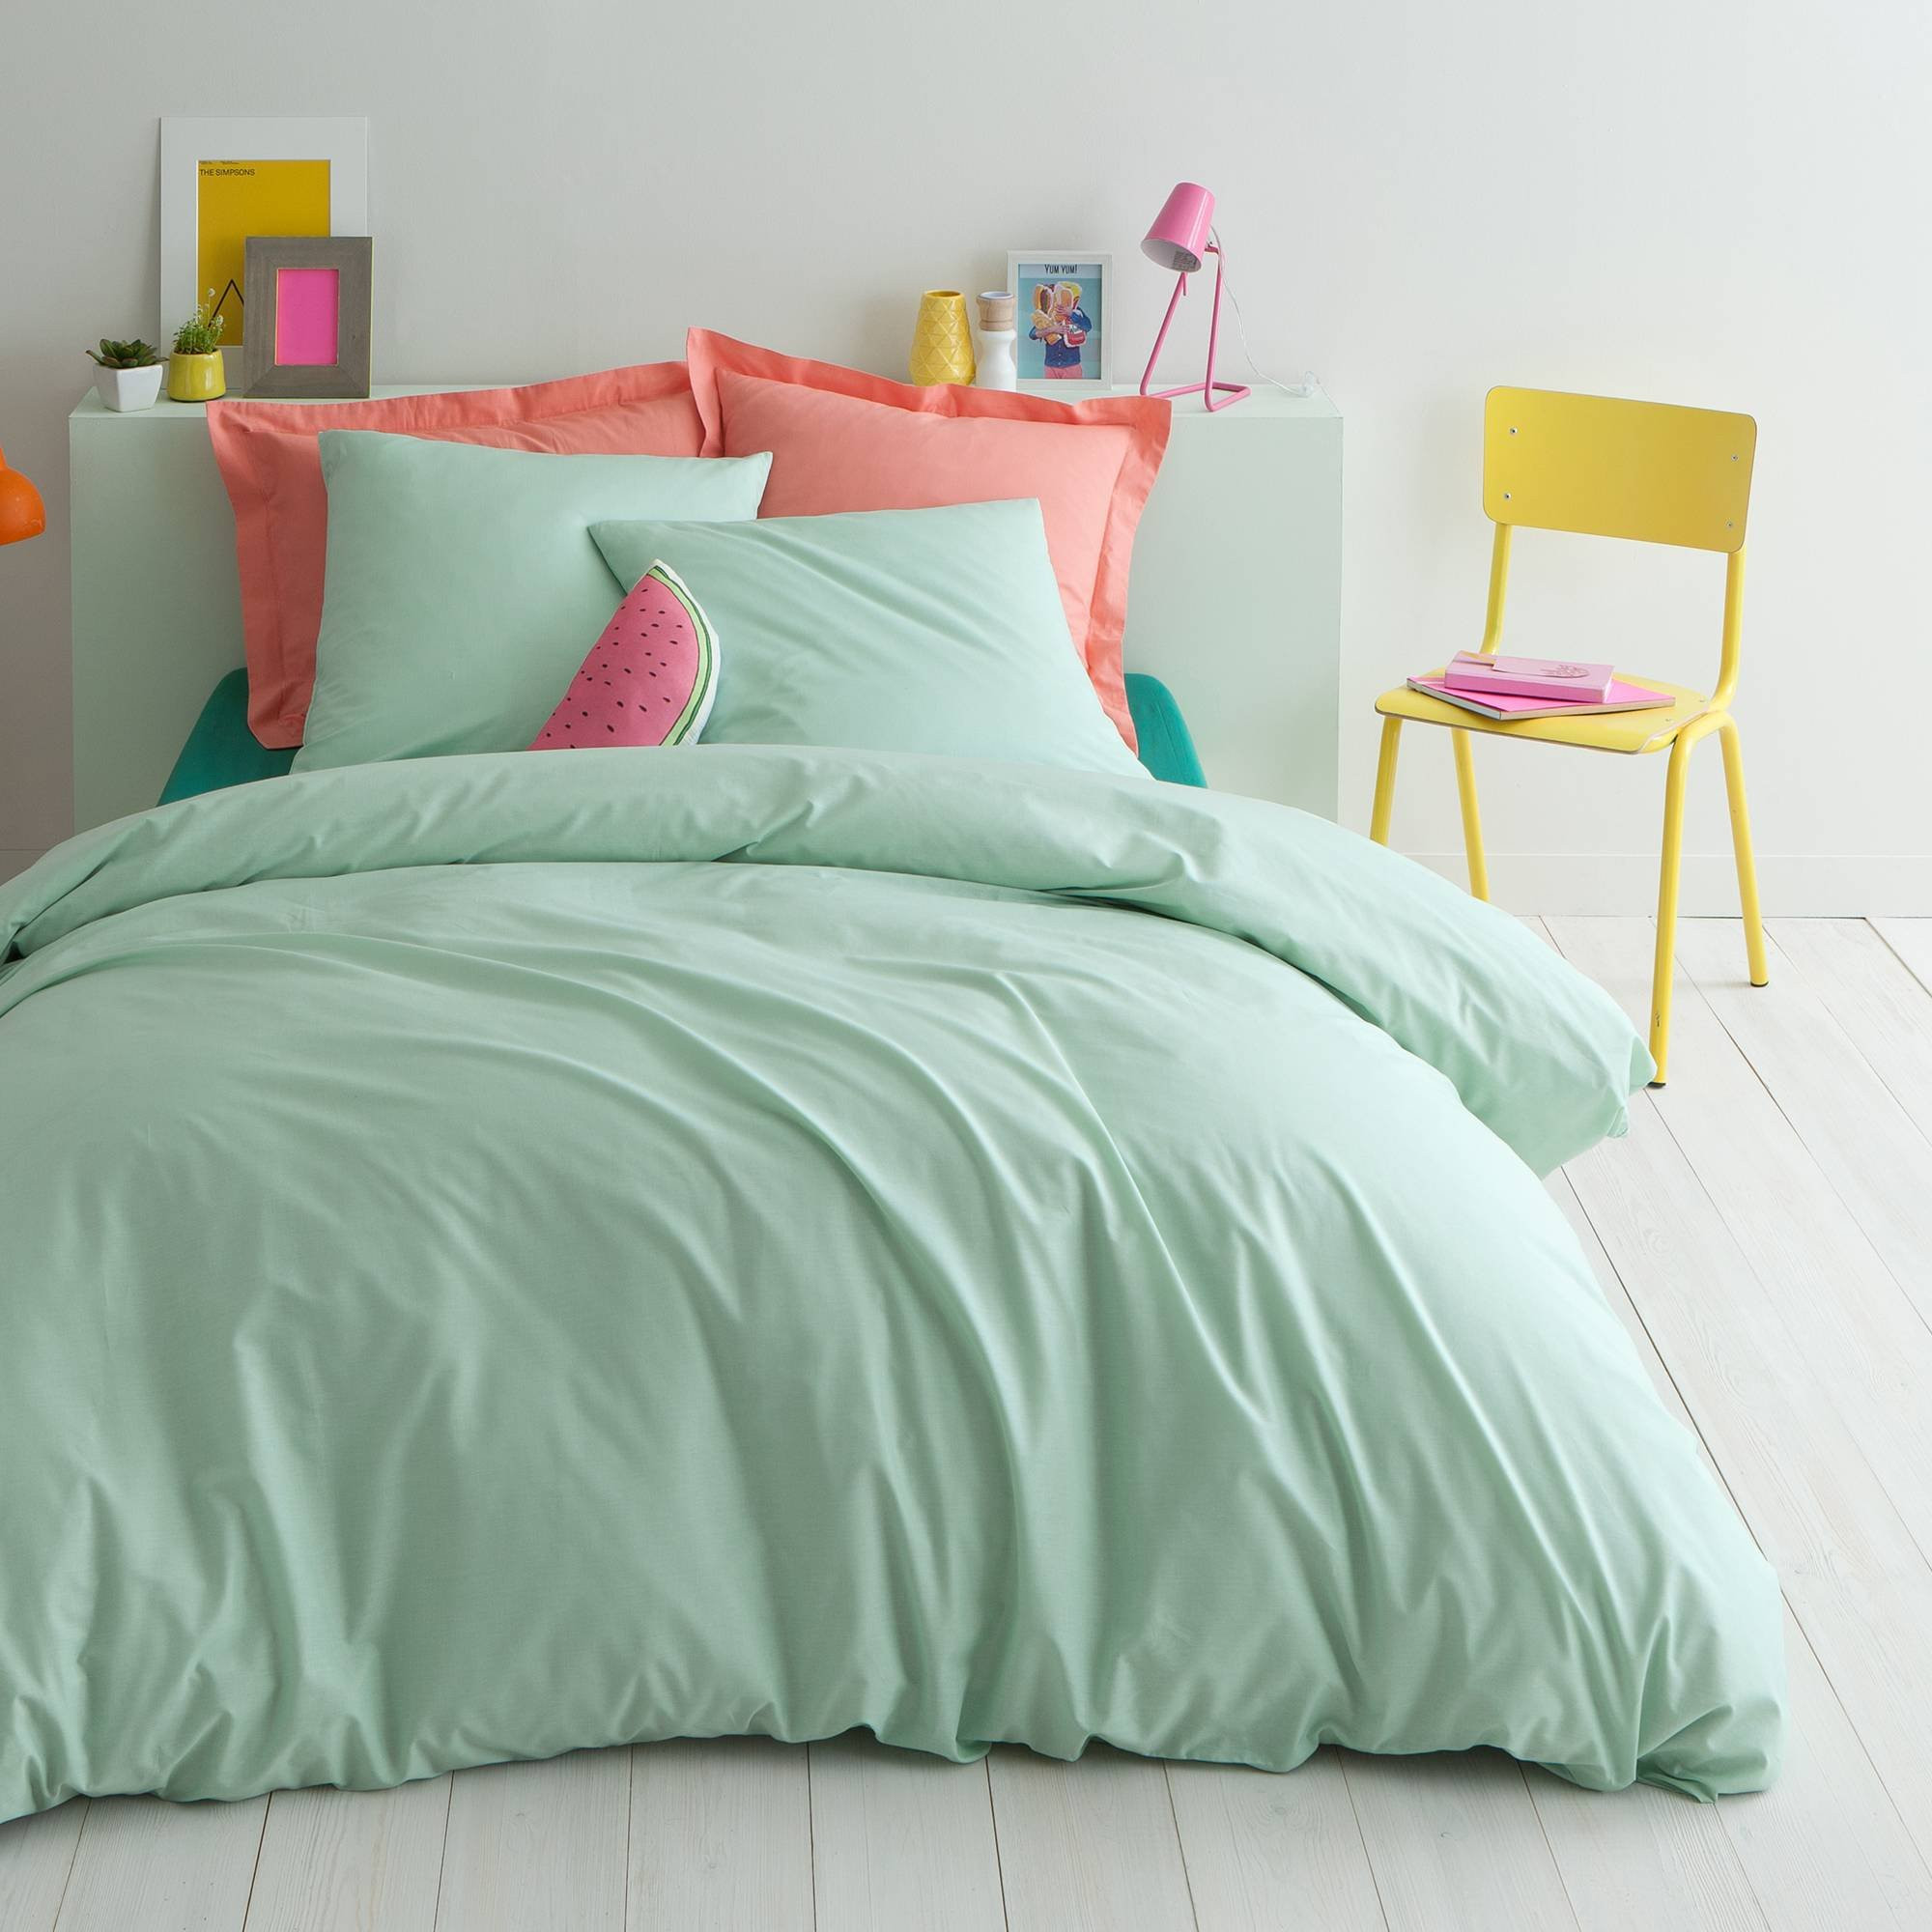 décoration chambre parure de lit vert deau et corail